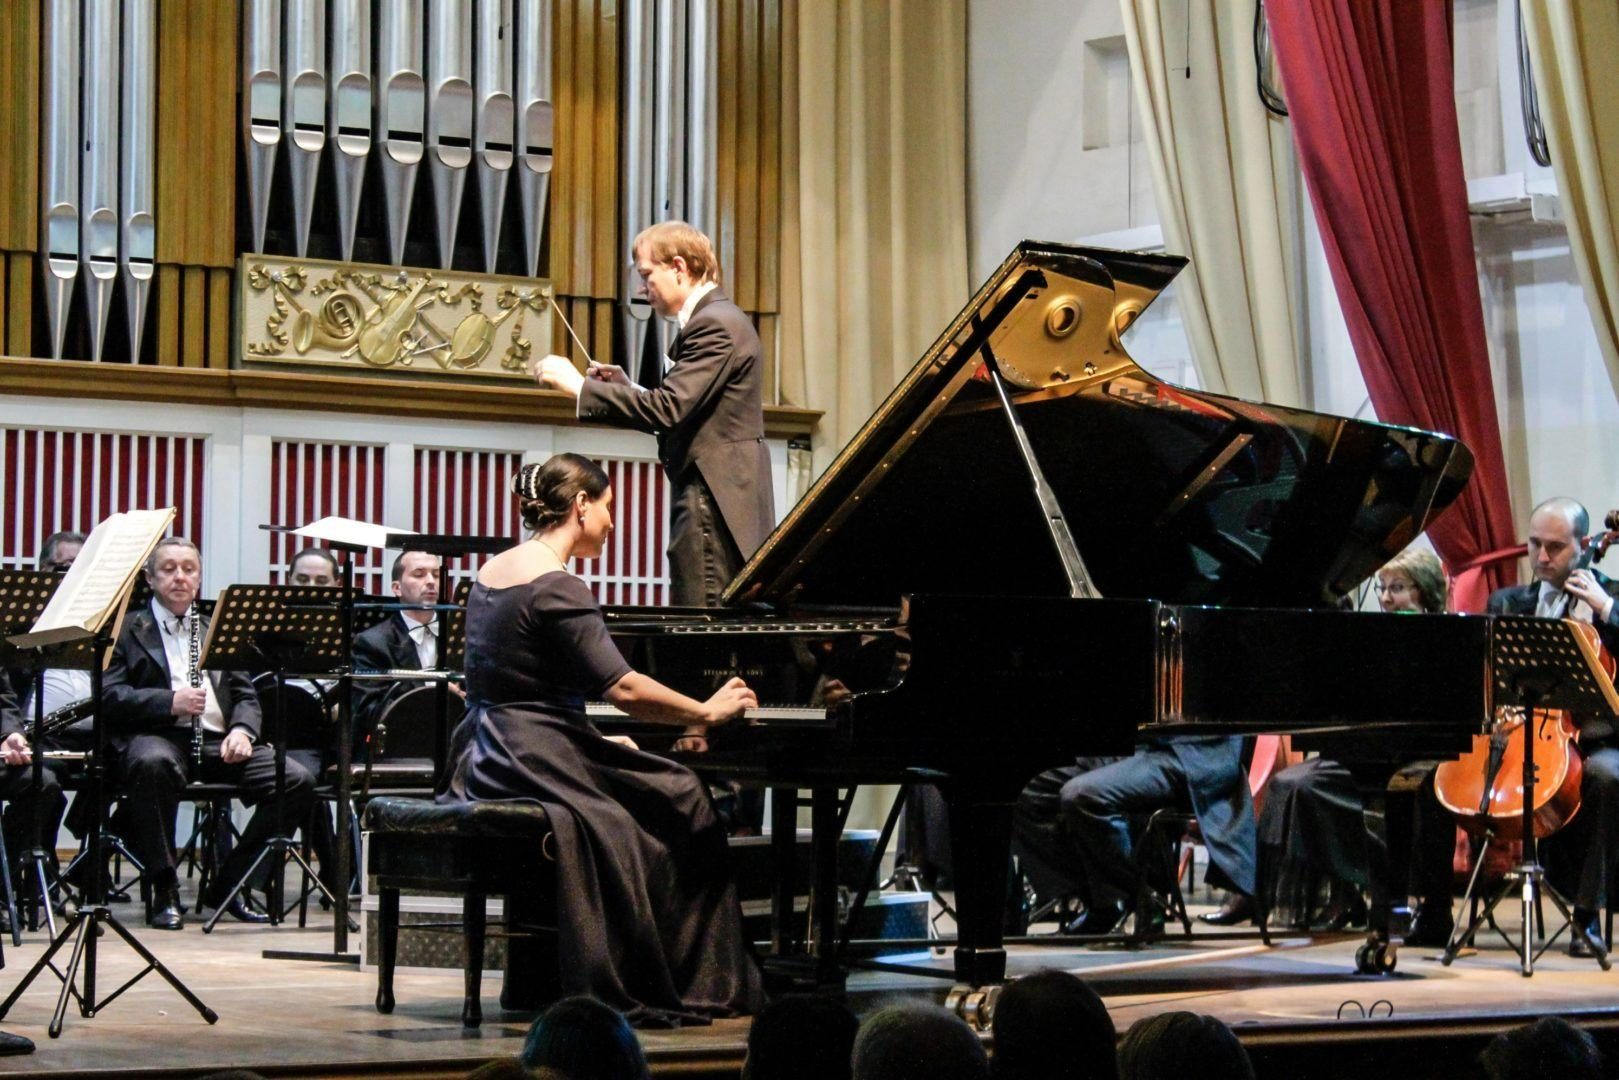 Концерт «Два лика романтизма» в Библиотеке искусств имени А. П. Боголюбова  – события на сайте «Московские Сезоны»